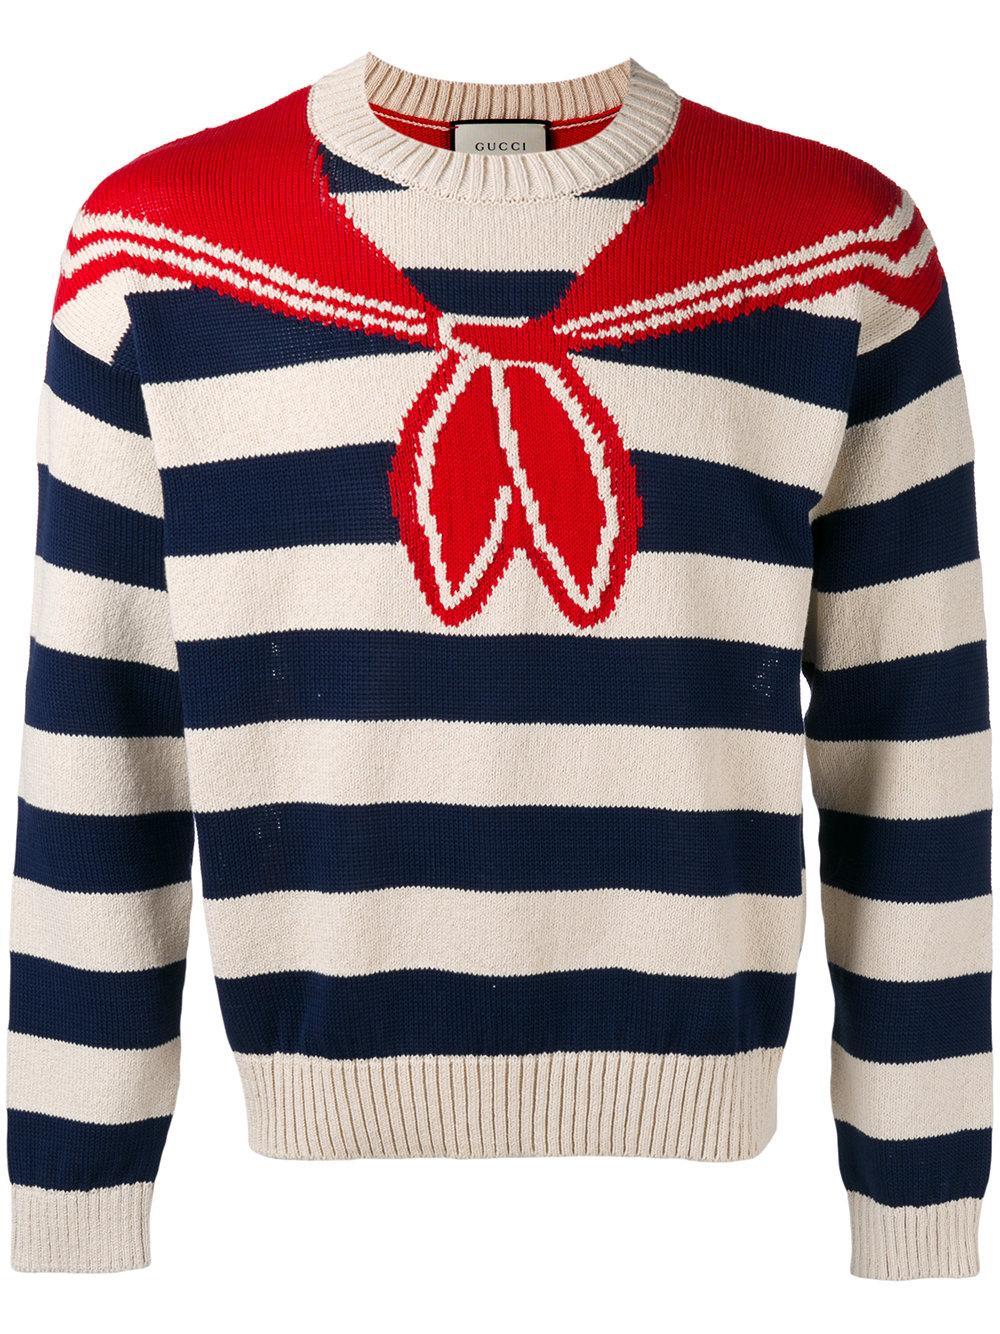 Lyst - Gucci Bandana Tromp Loeil Sweater In Blue For Men-2410